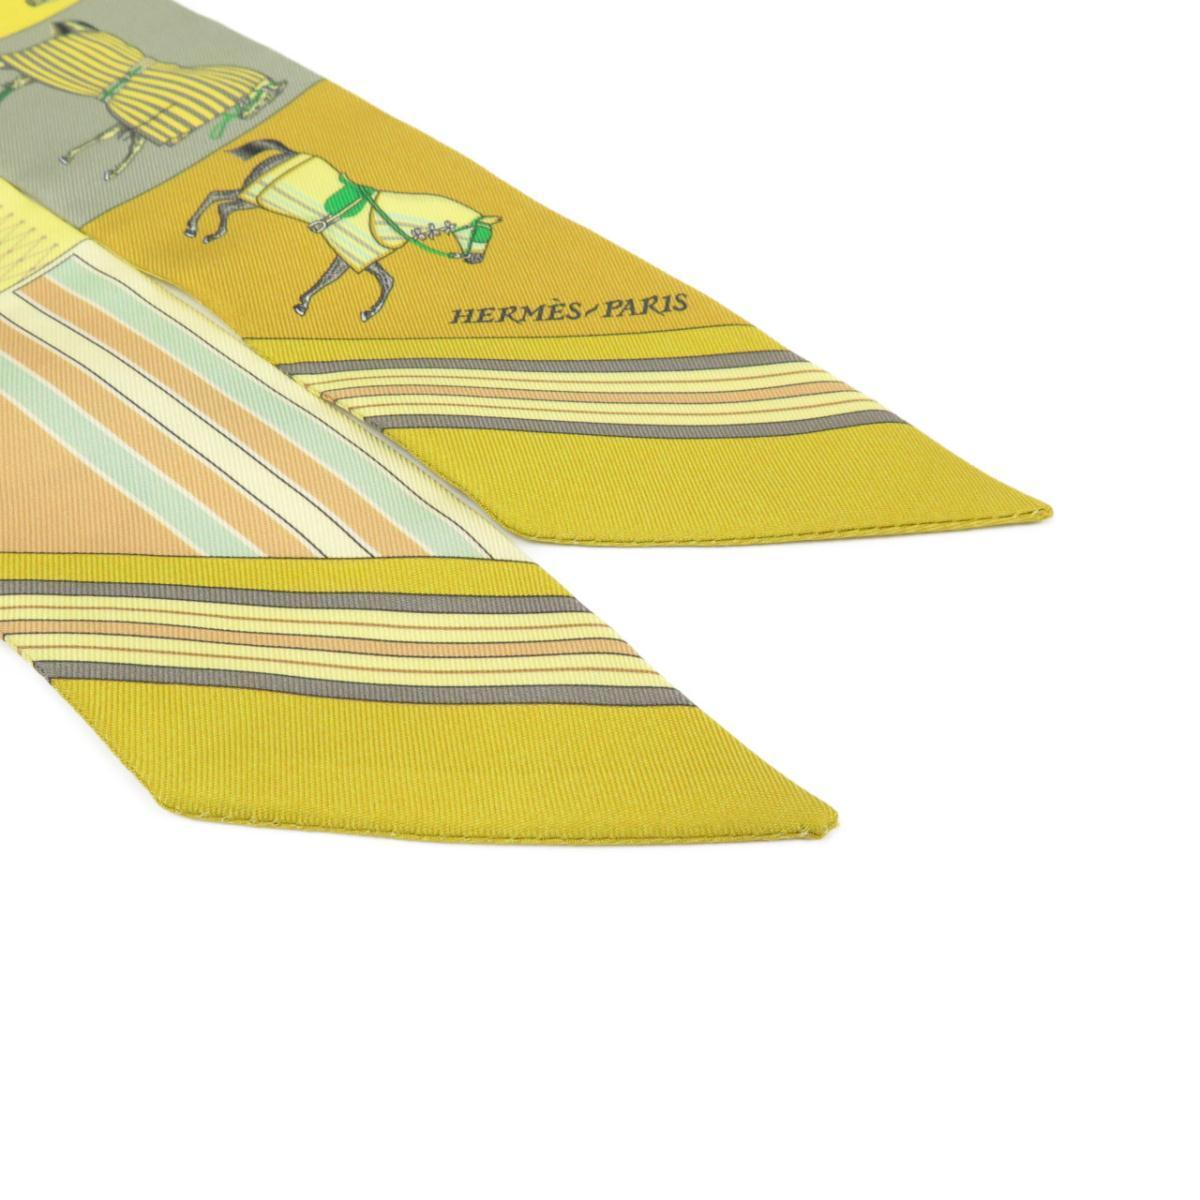 黄色の馬模様のエルメスツイリー